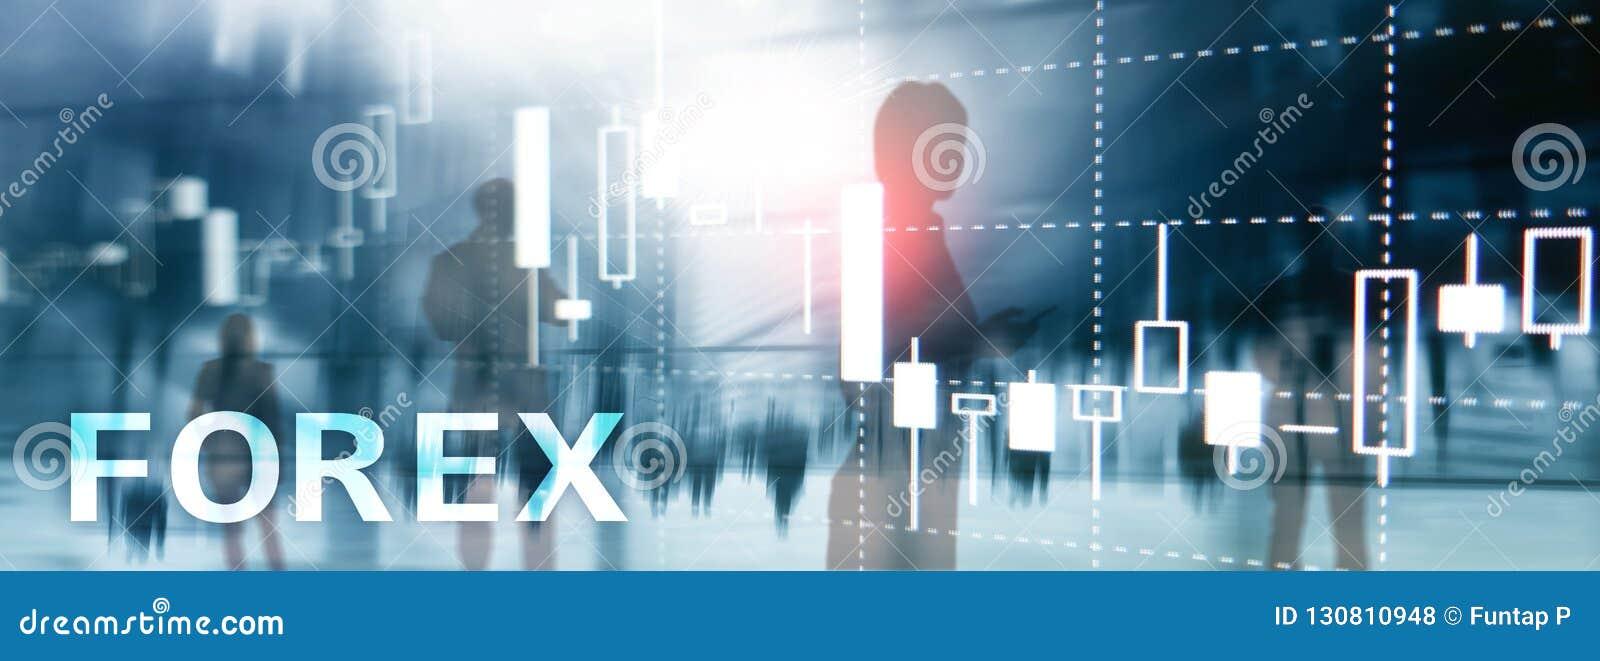 Forex handel drijvend, financiële kaarsgrafiek en grafieken op vage commerciële centrumachtergrond